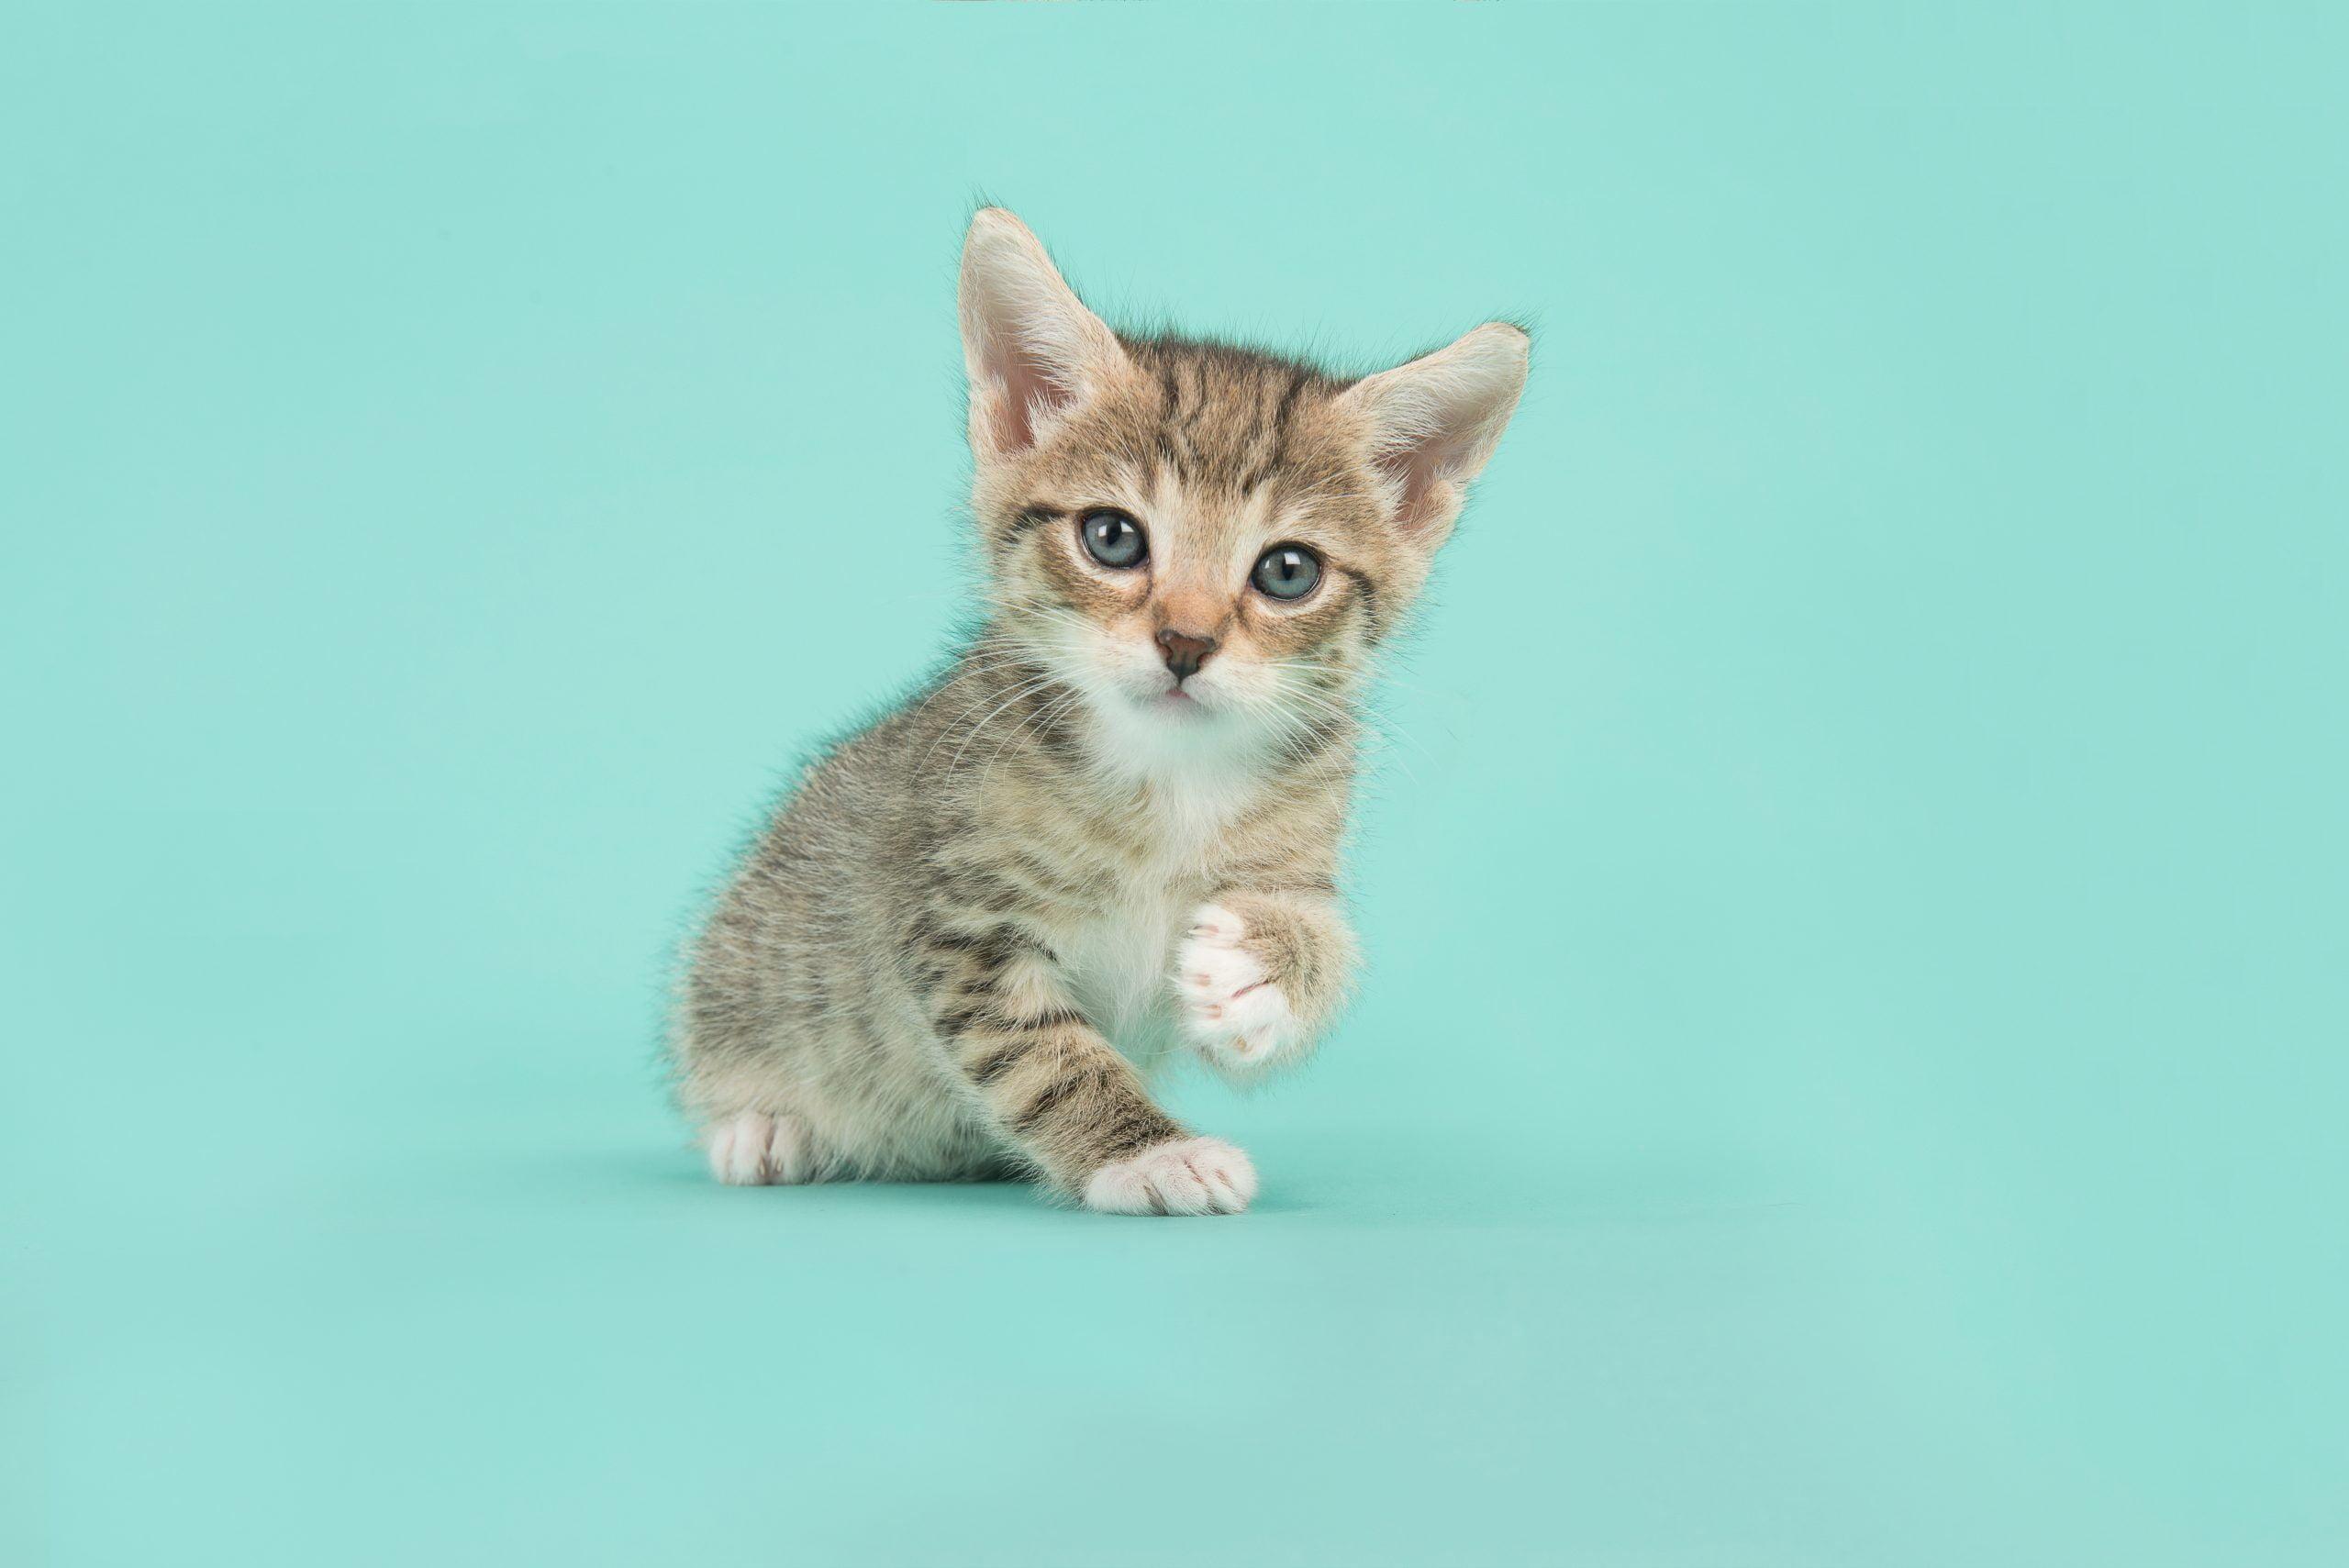 Puppy of kitten mee naar huis